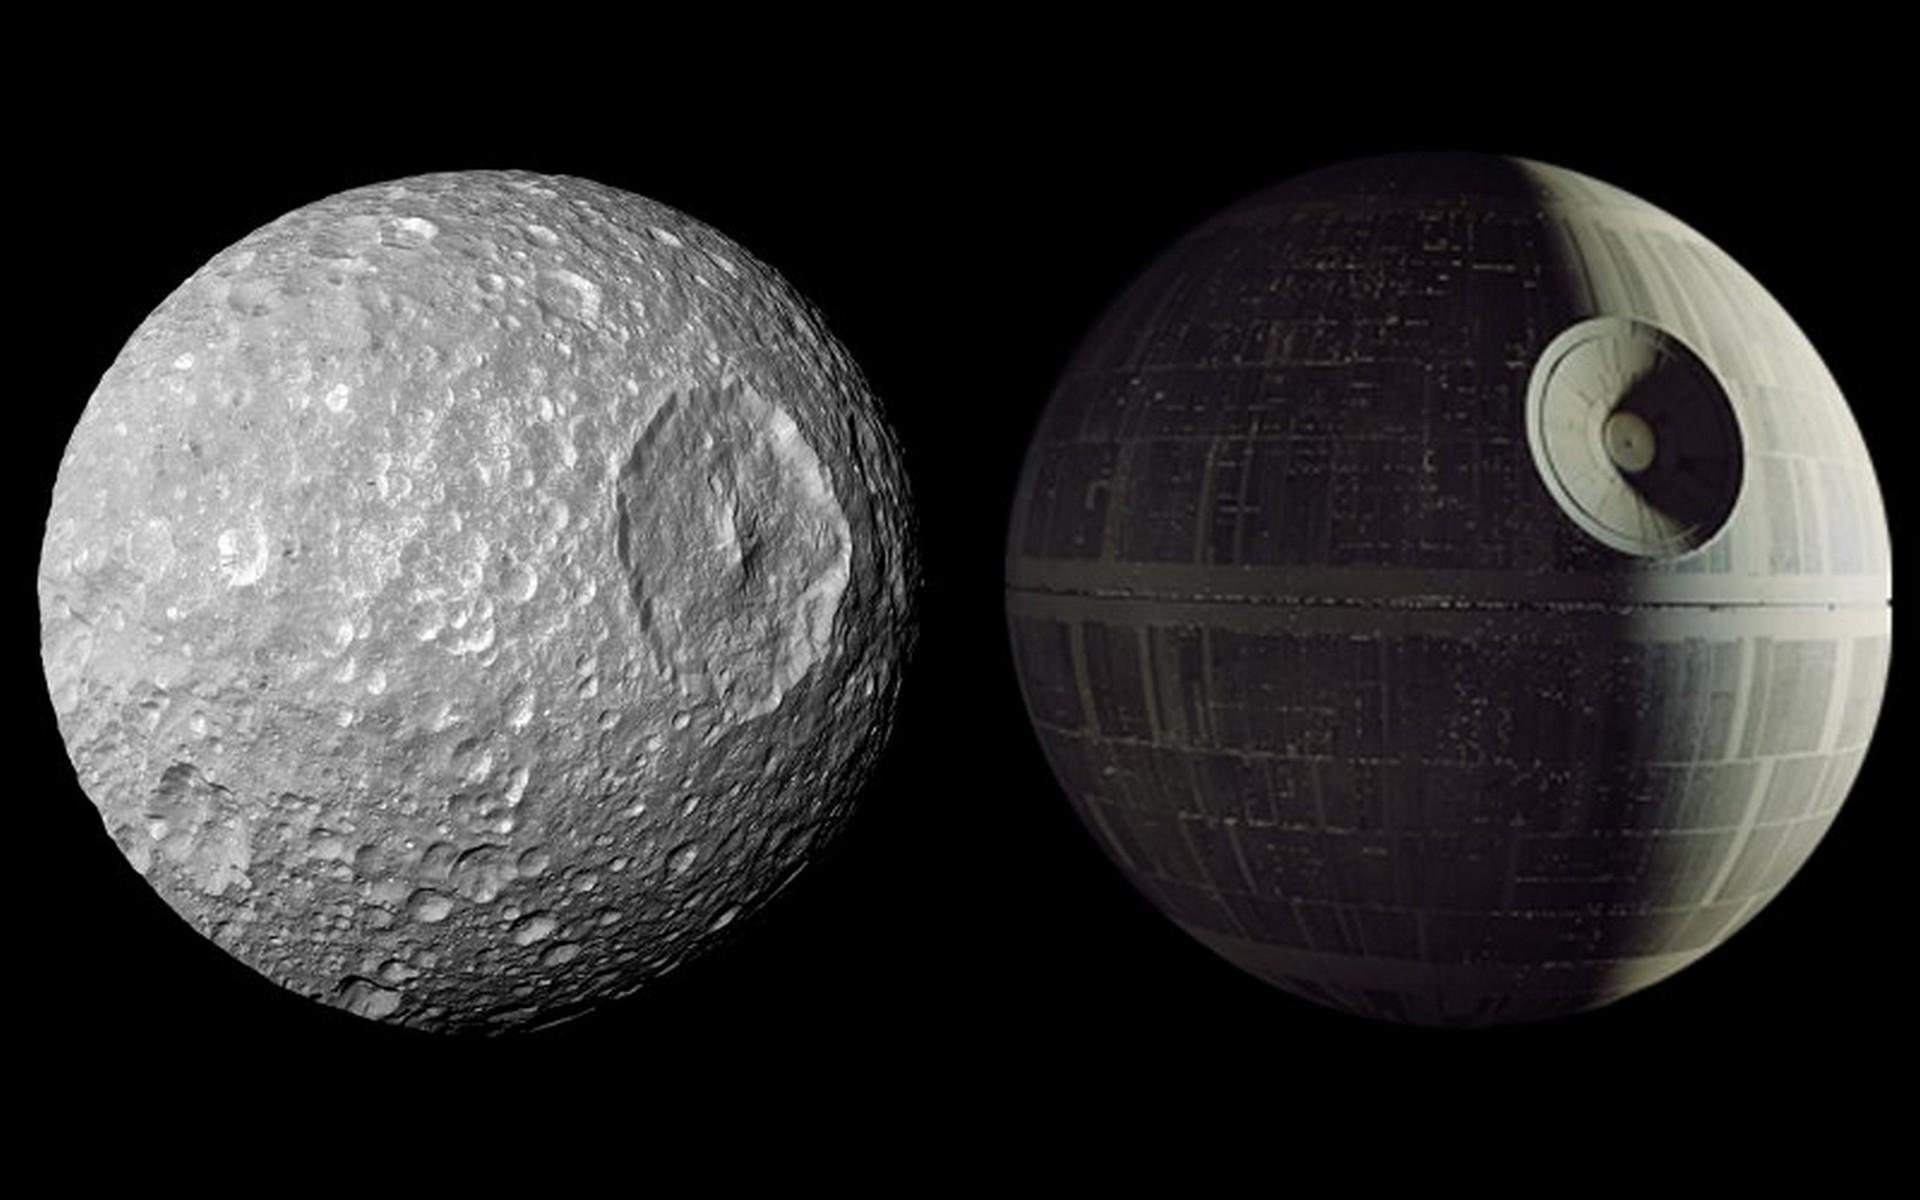 Фурор внаучном мире: уфологи открыли созданный инопланетянами спутник Сатурна